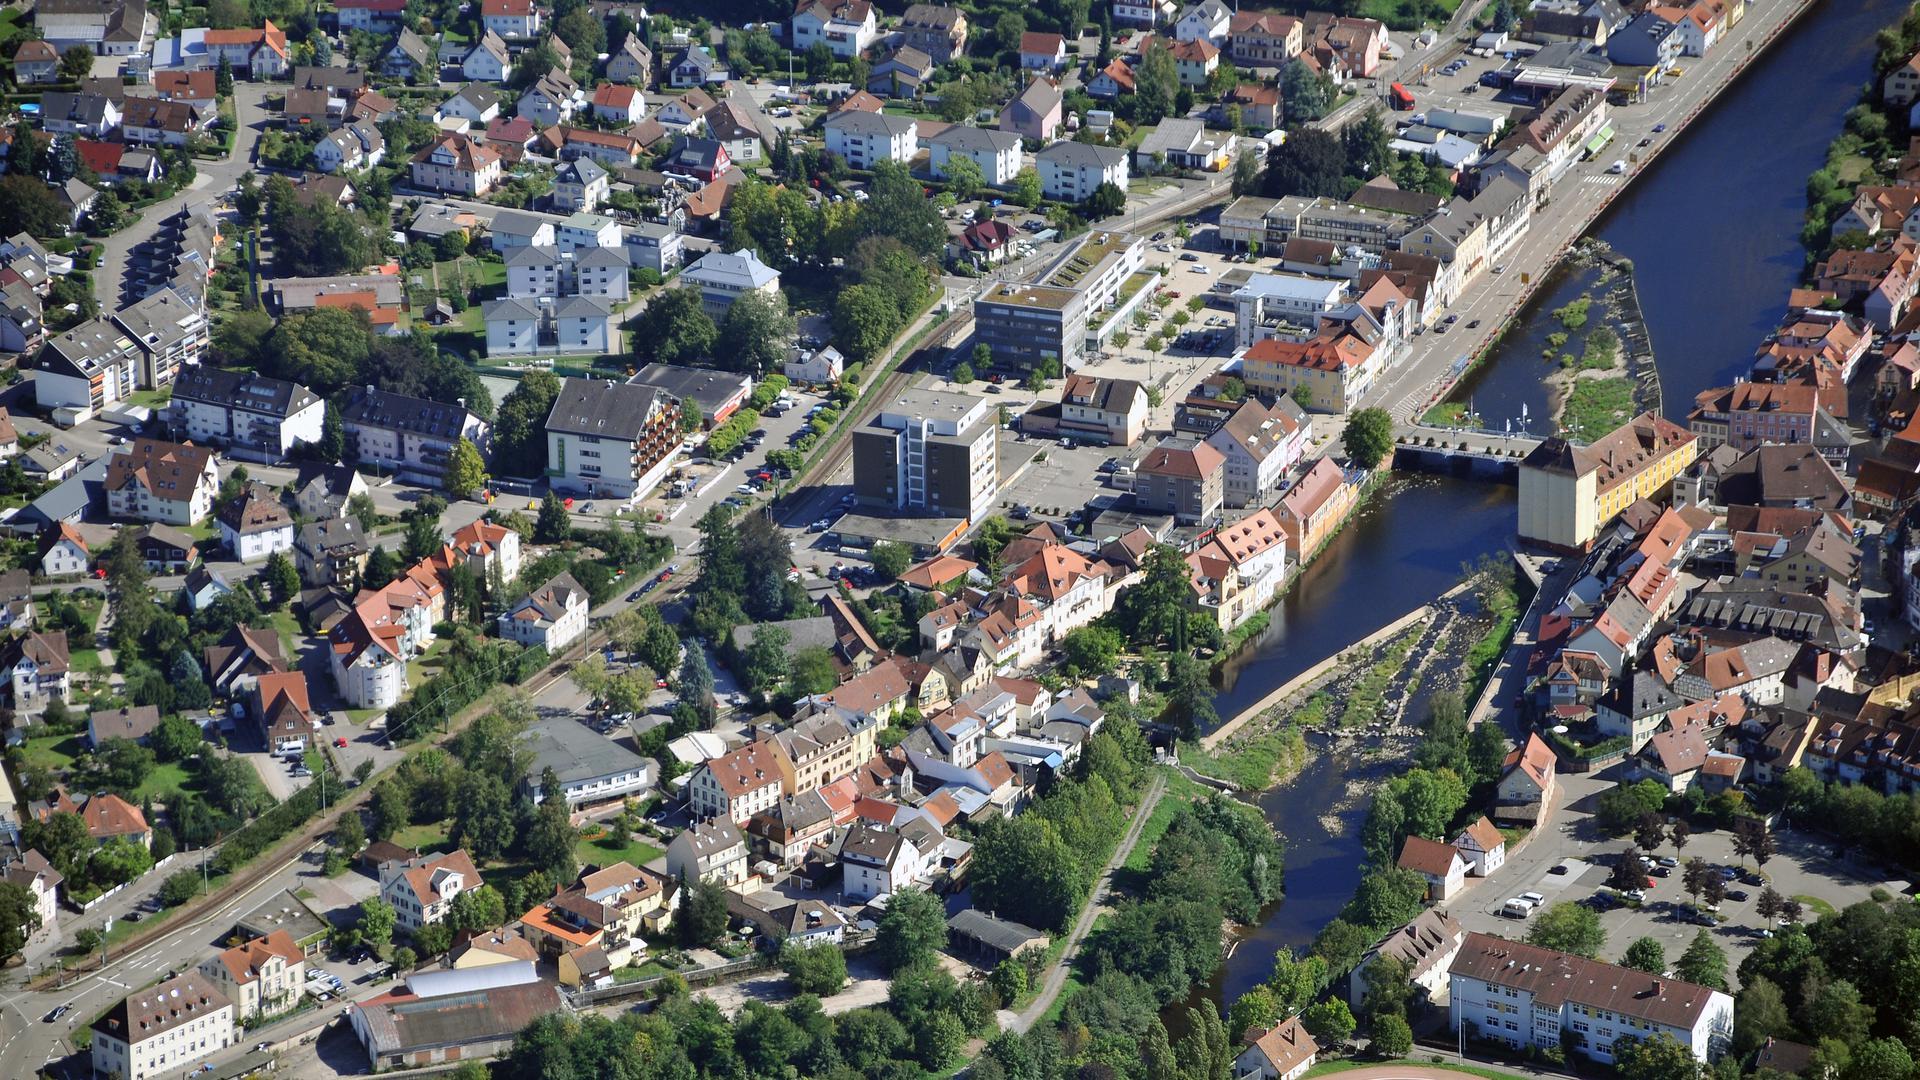 Stadtverwaltung Gernsbach